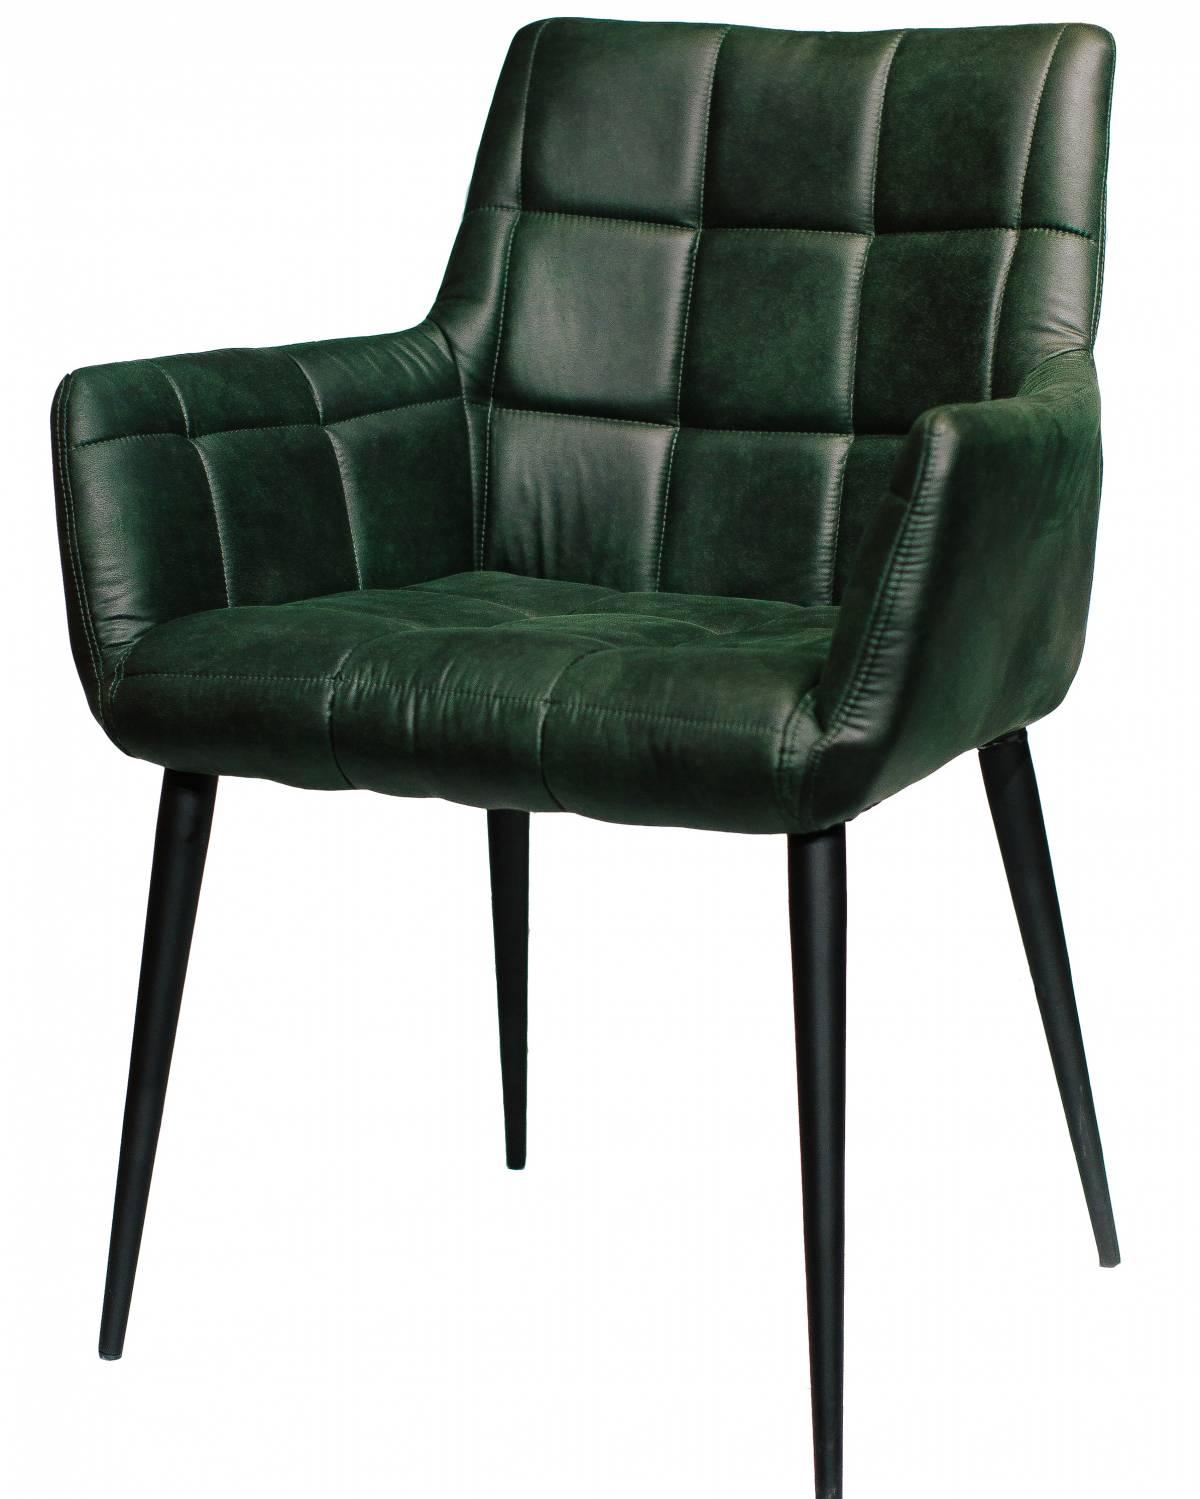 Металлический стул Jackwood West из экокожи в Raroom